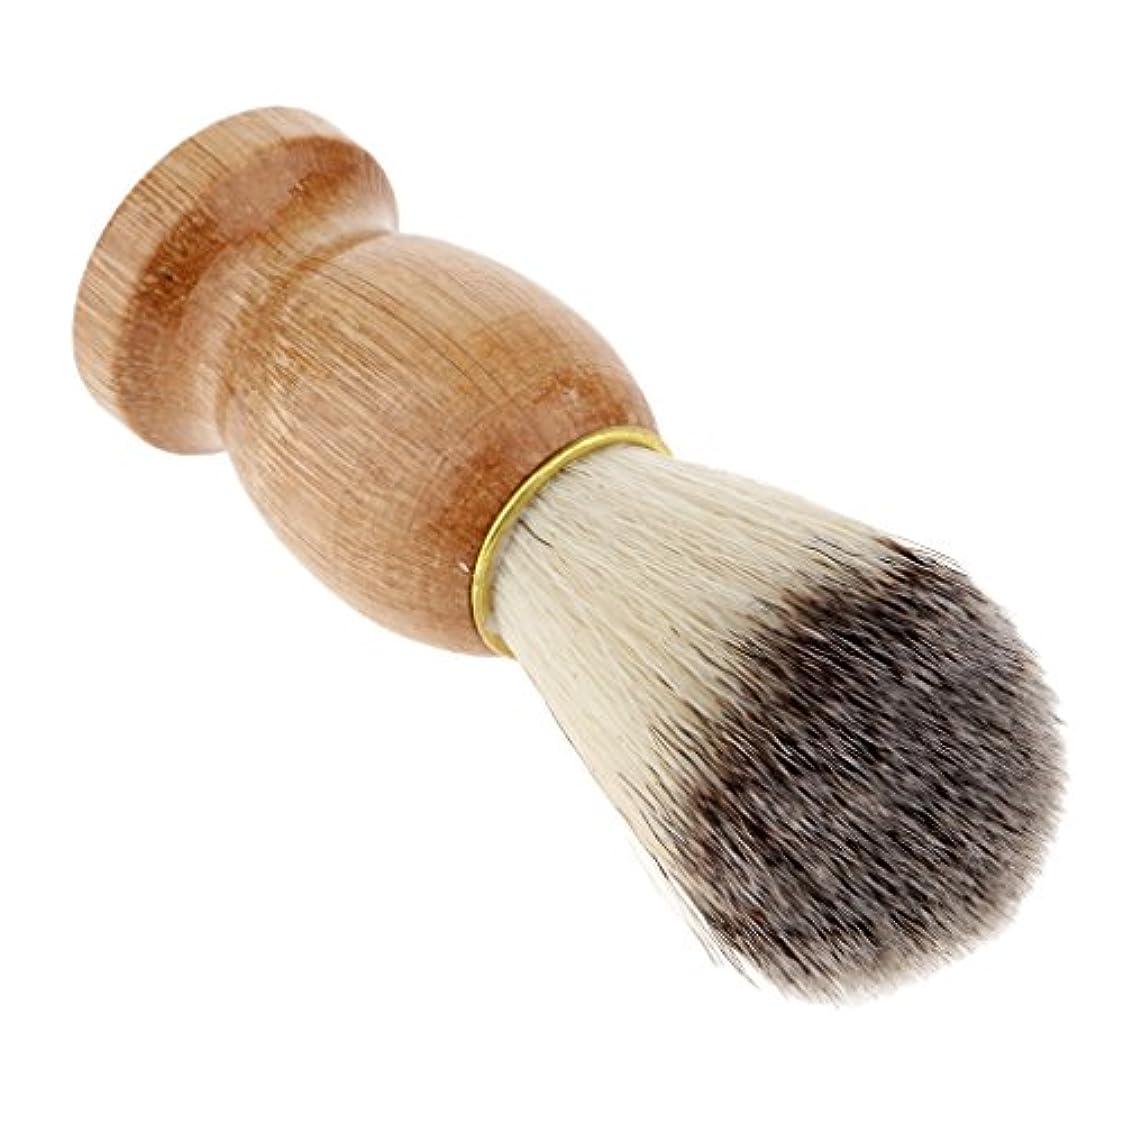 アイザックハウス無限大人毛ひげの切断の塵の浄化のための木製のハンドルの剛毛の剃るブラシ